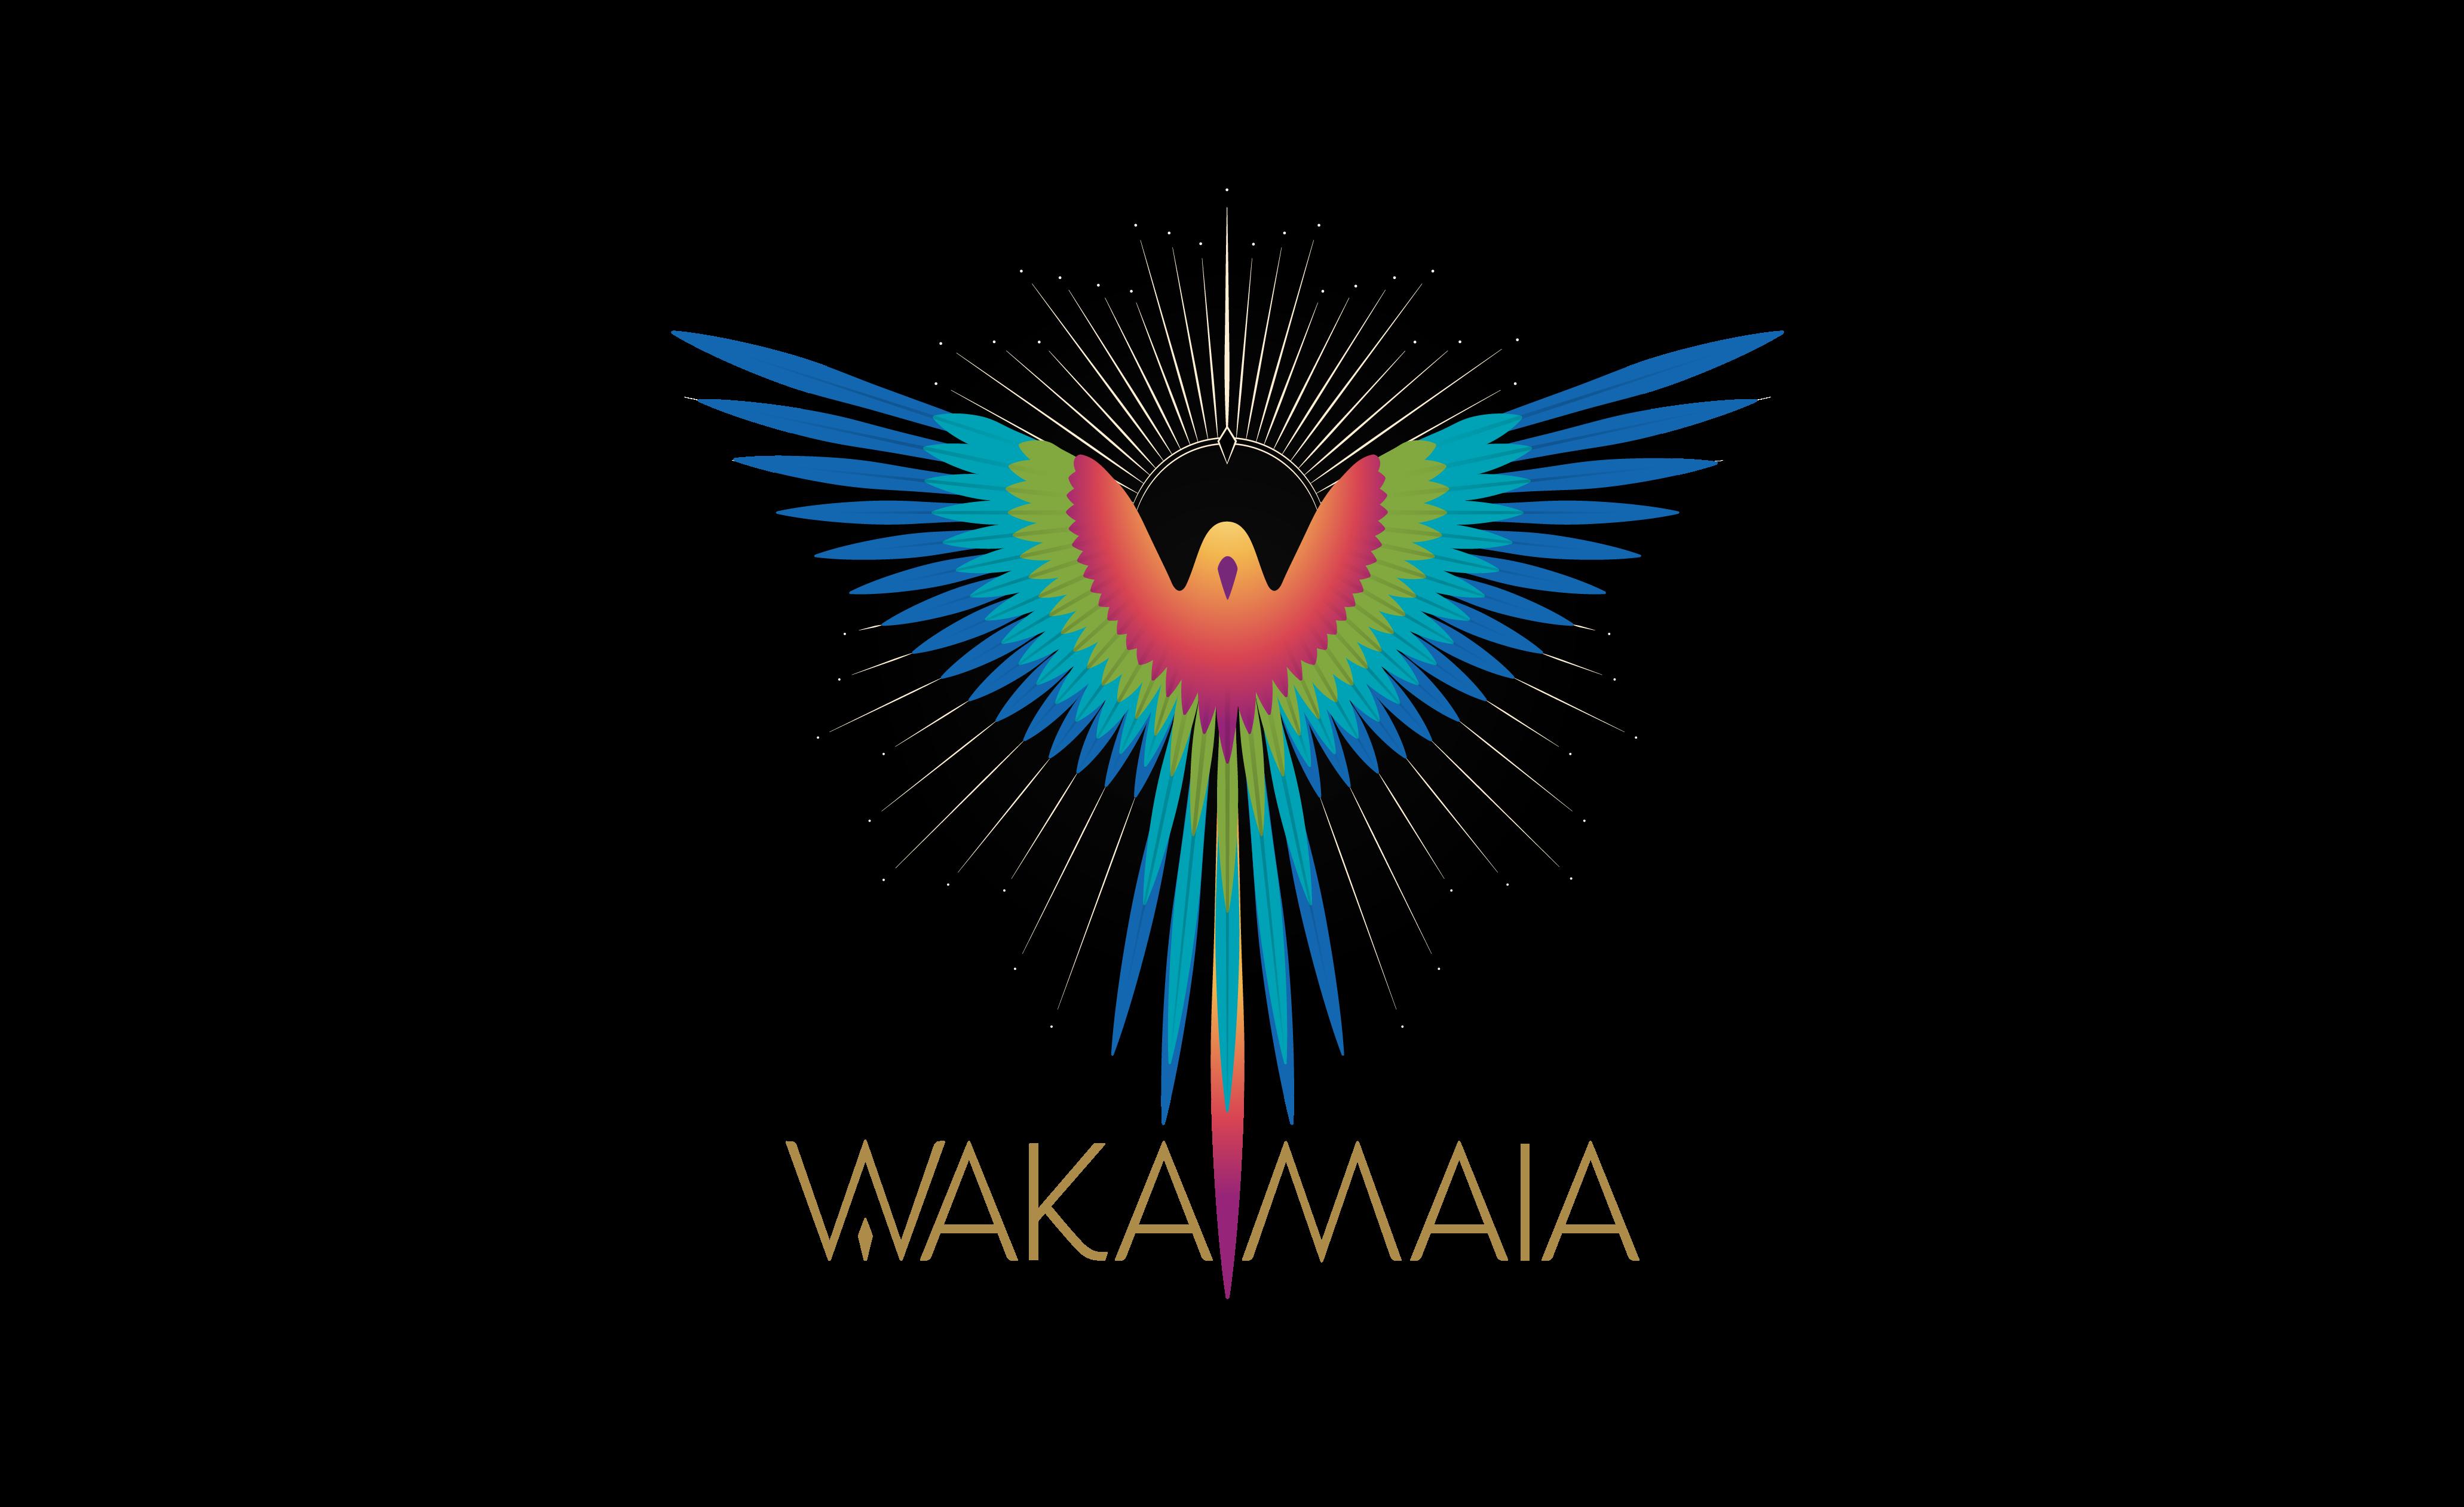 wakamaia logo |Wakamaia Ecstatic Dance DJ